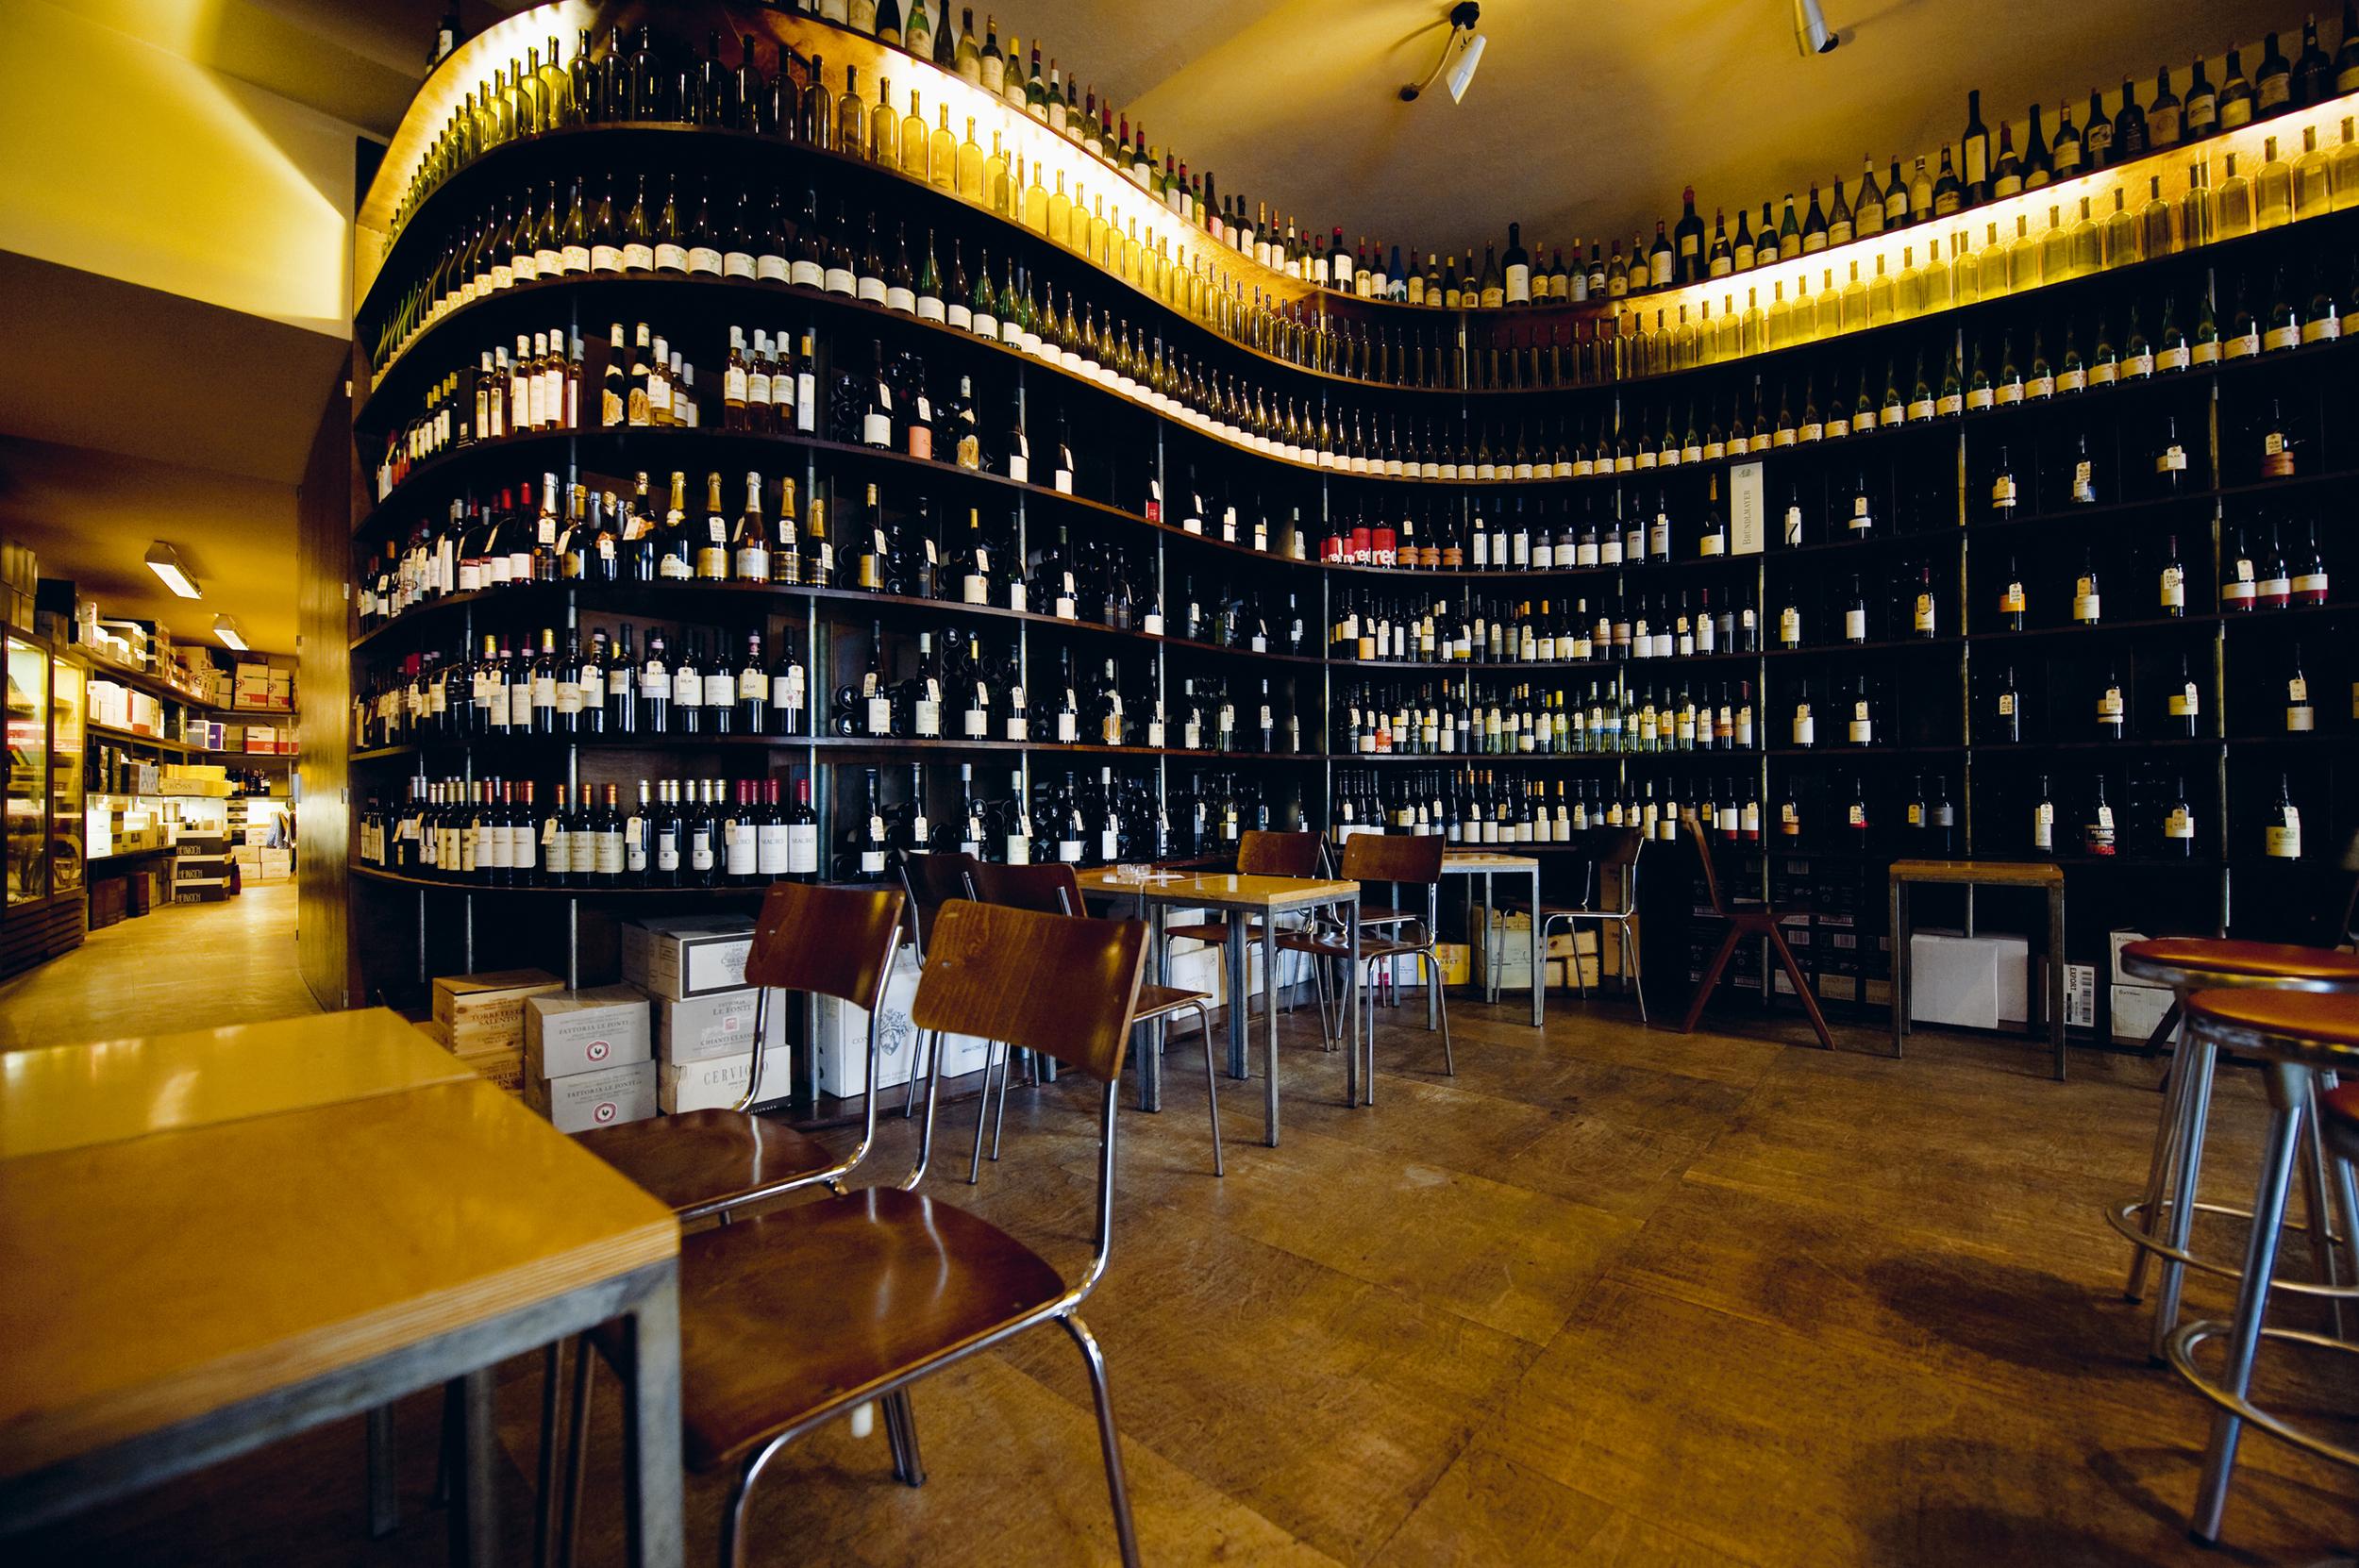 Vienna wine bar.jpg